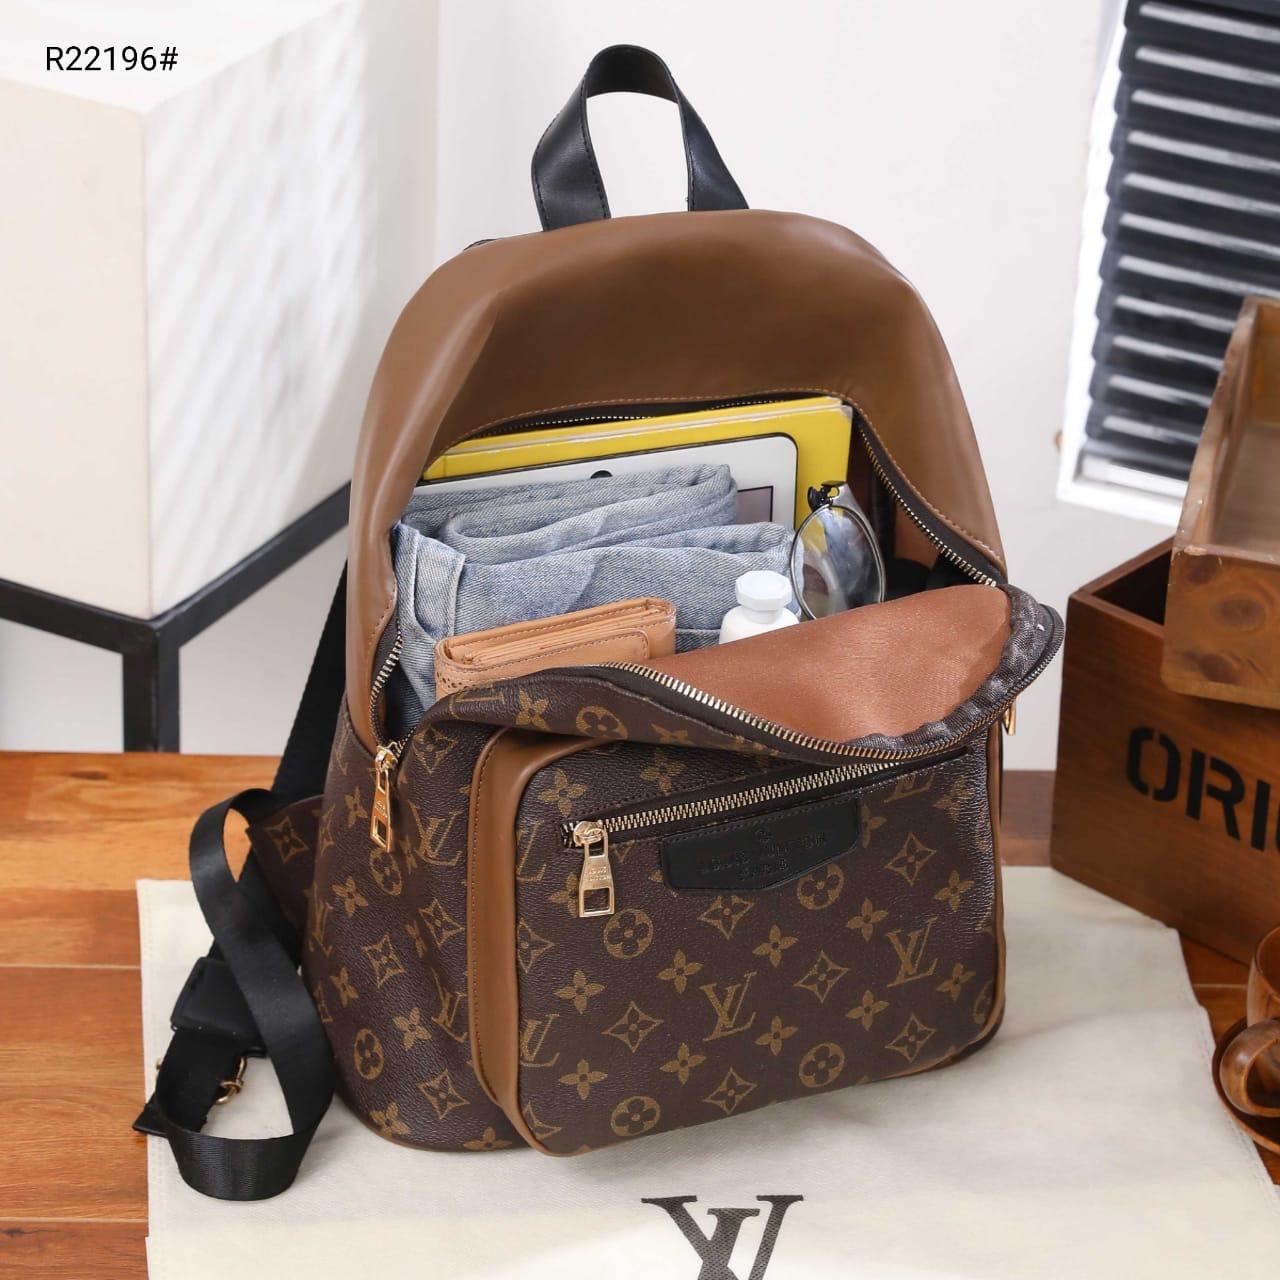 tas RANSEL Louis Vuitton TERBARU Palm Spring R22196V7